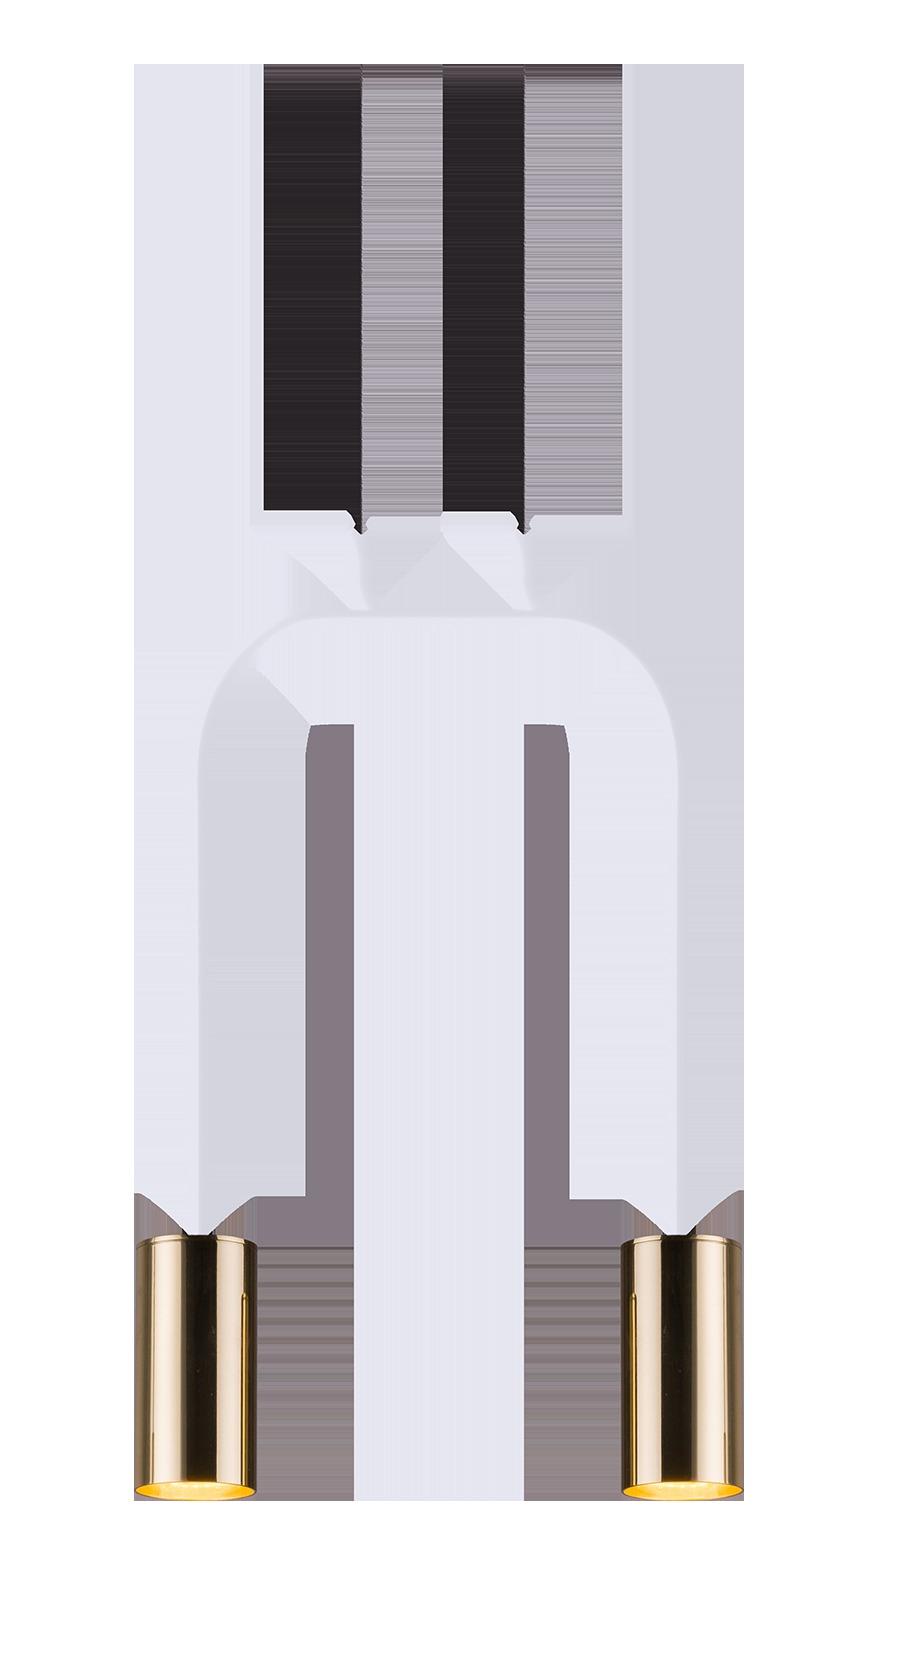 Lampa wisząca Vai 2 Biały 0290 - Amplex // Rabaty w koszyku i darmowa dostawa od 299zł !